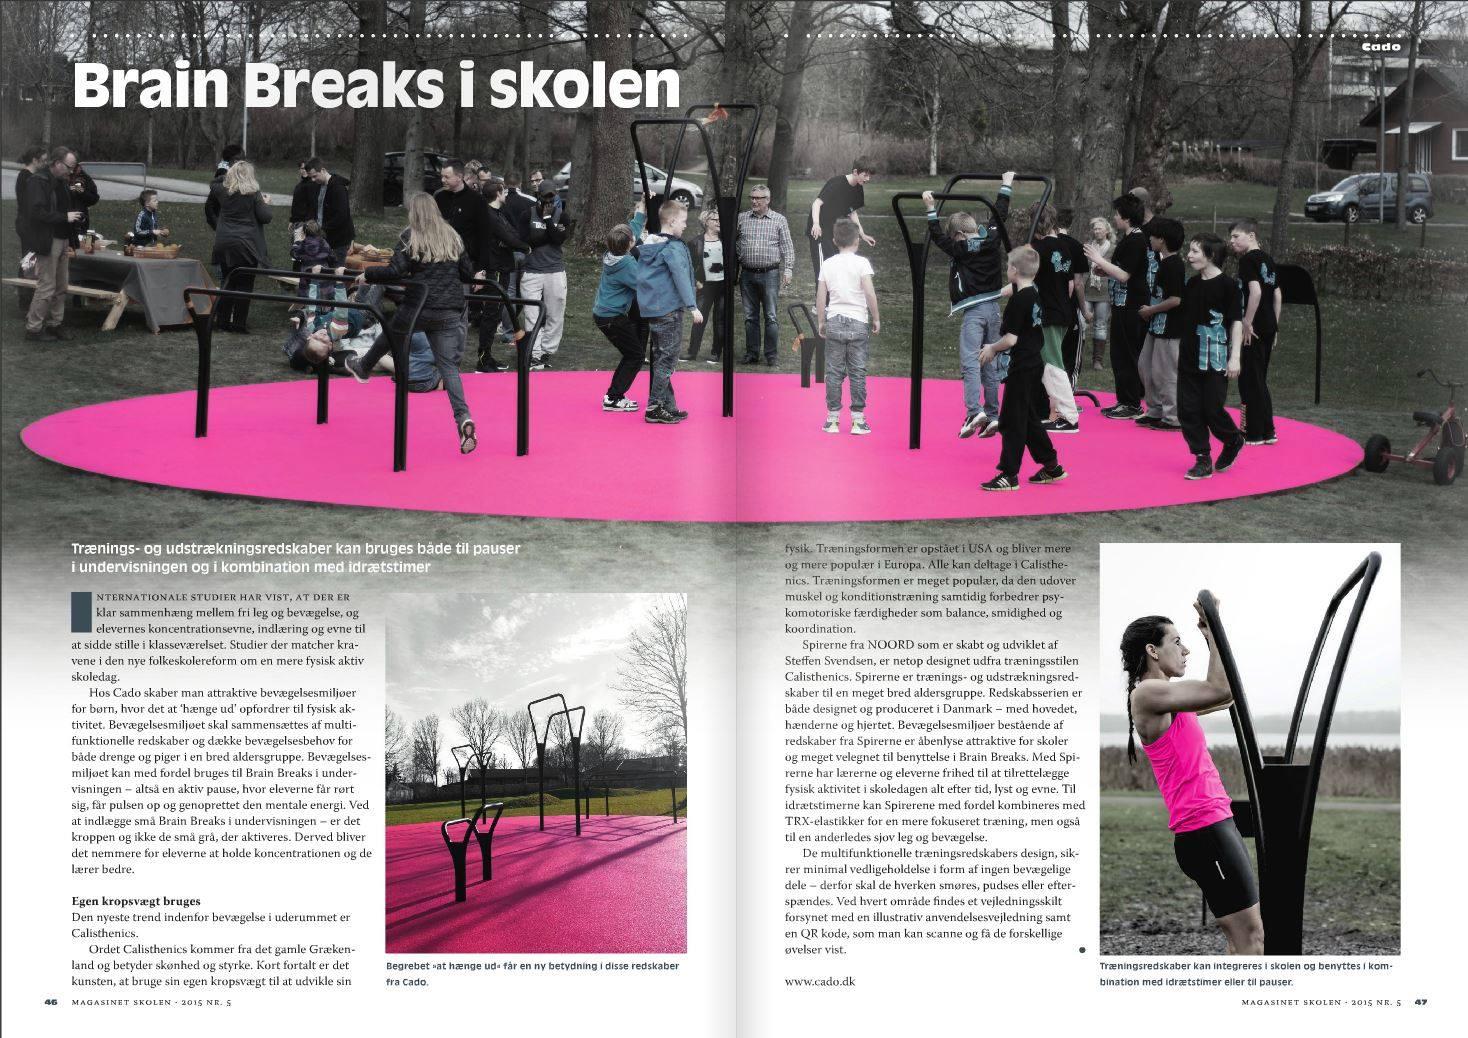 Magasinet skolerne Brain breaks udendørs fitnessredskaber